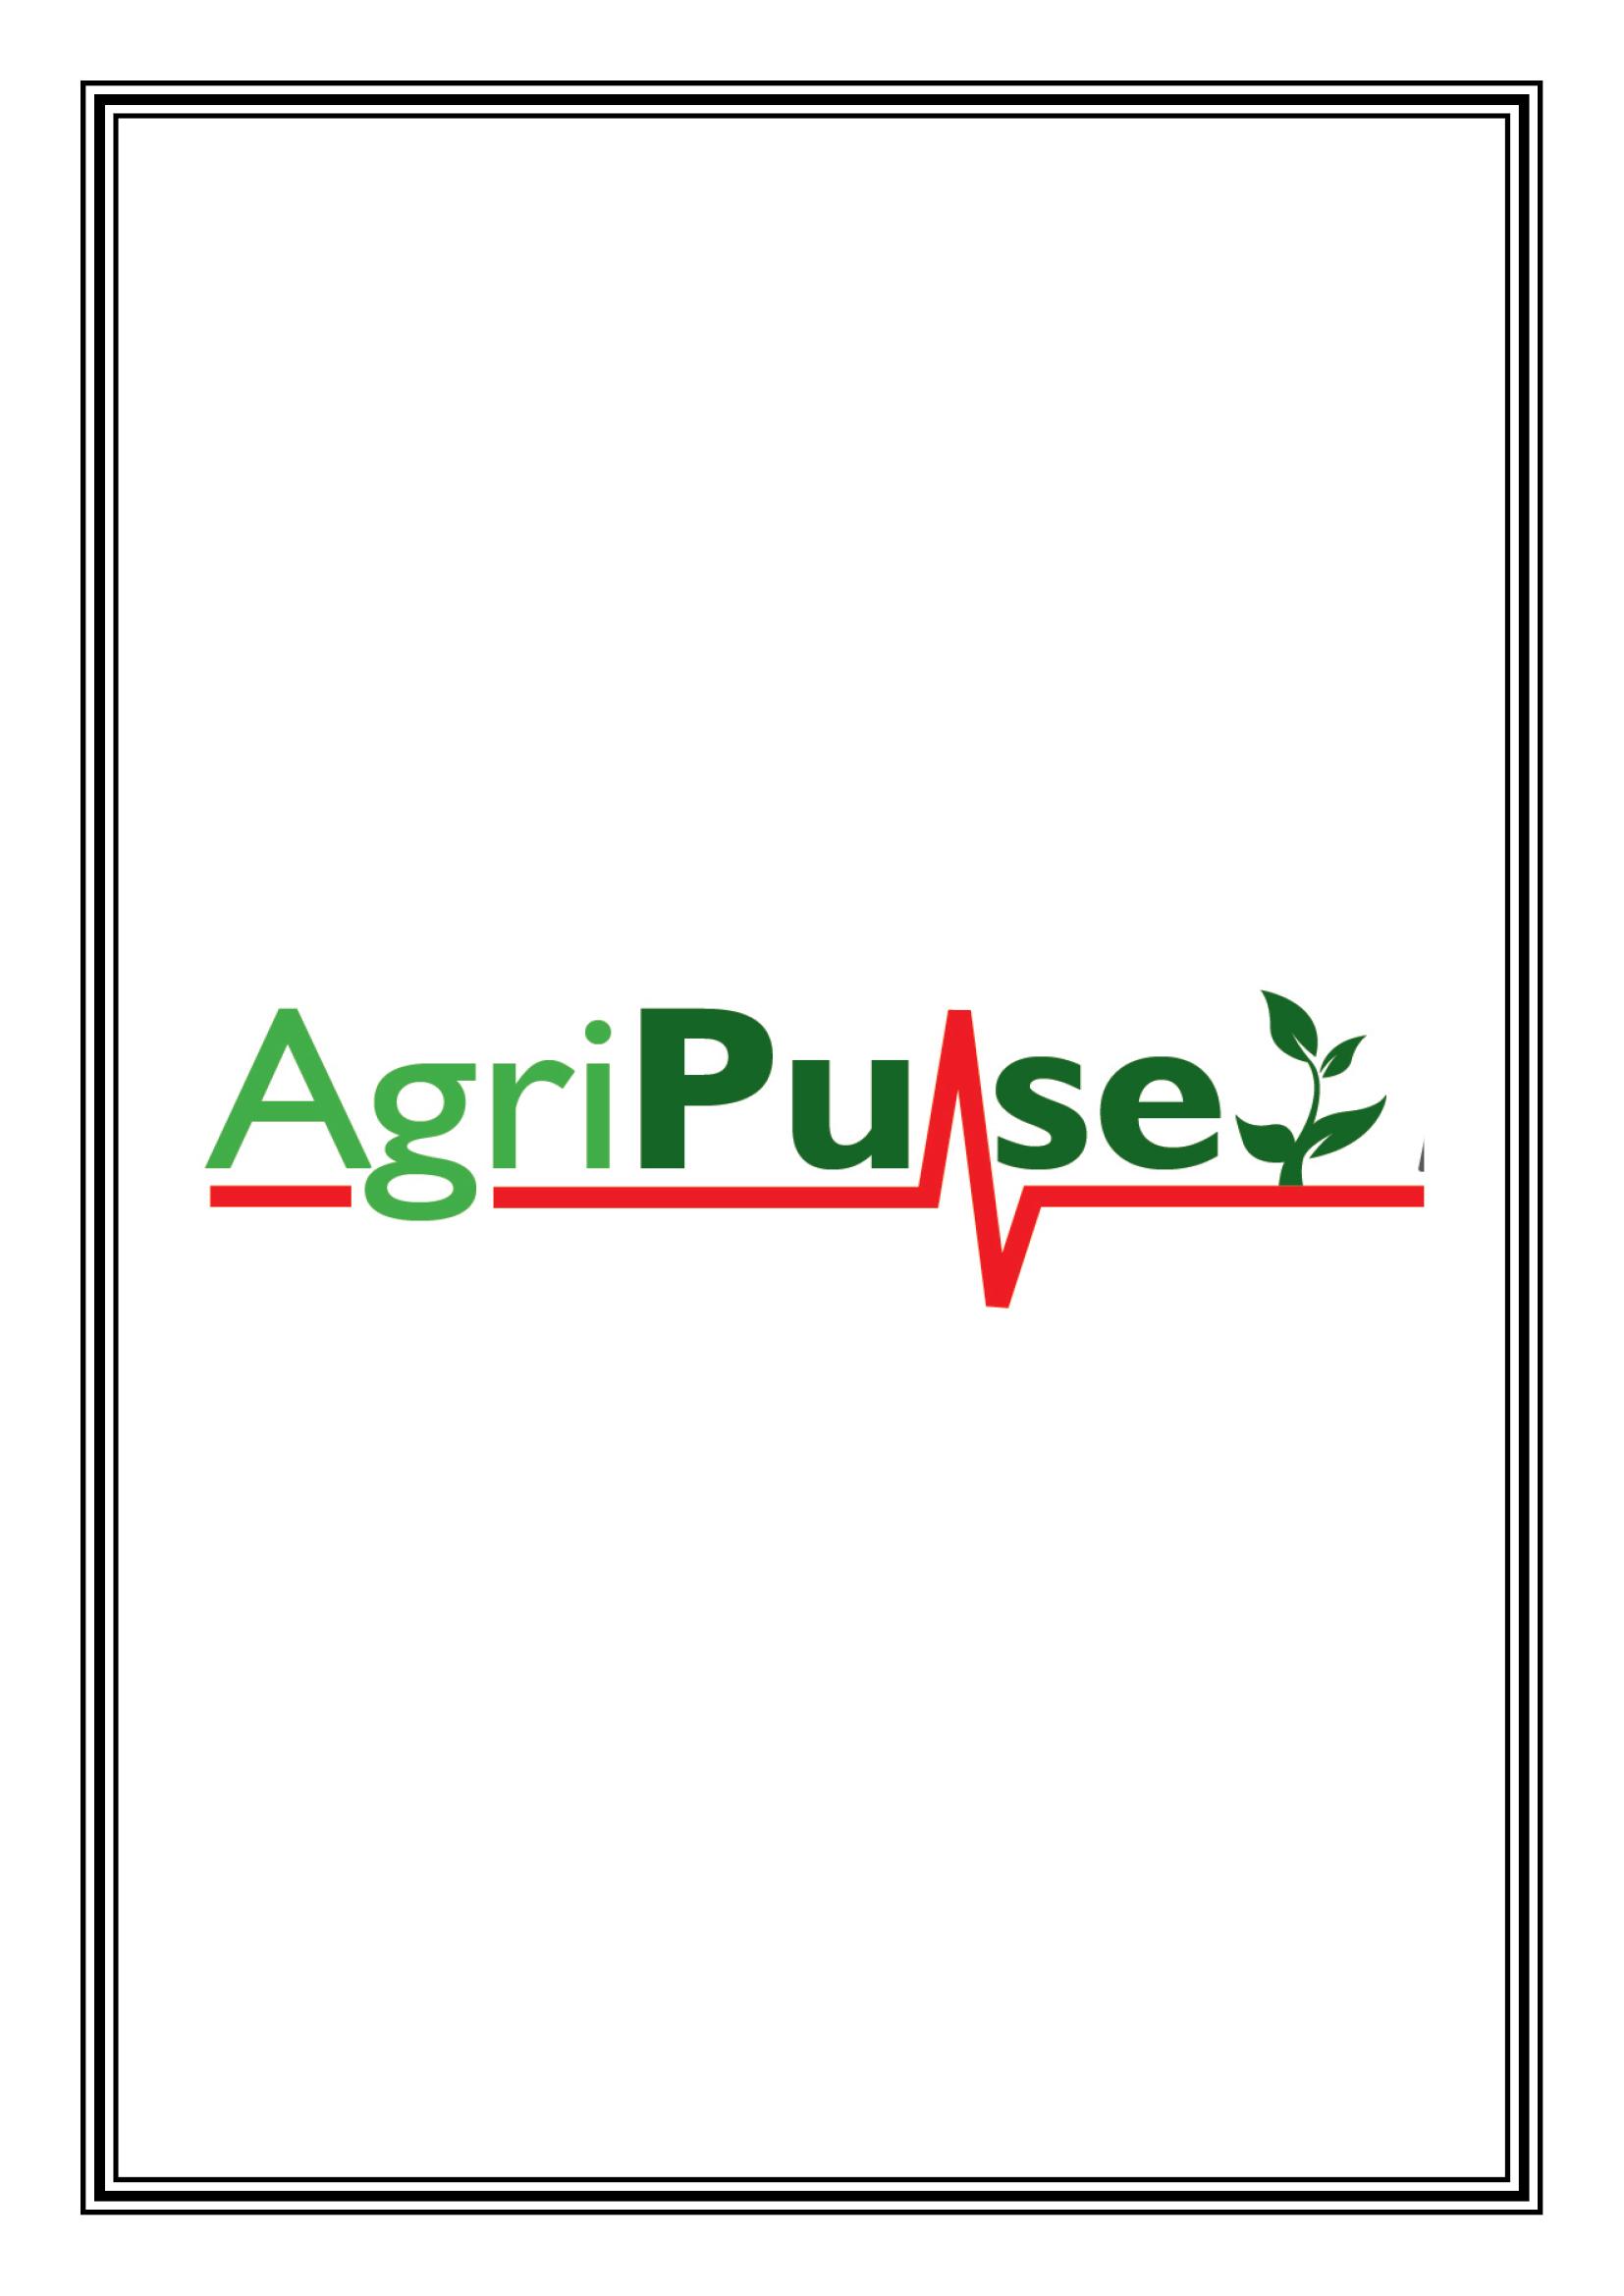 Agri Pulse